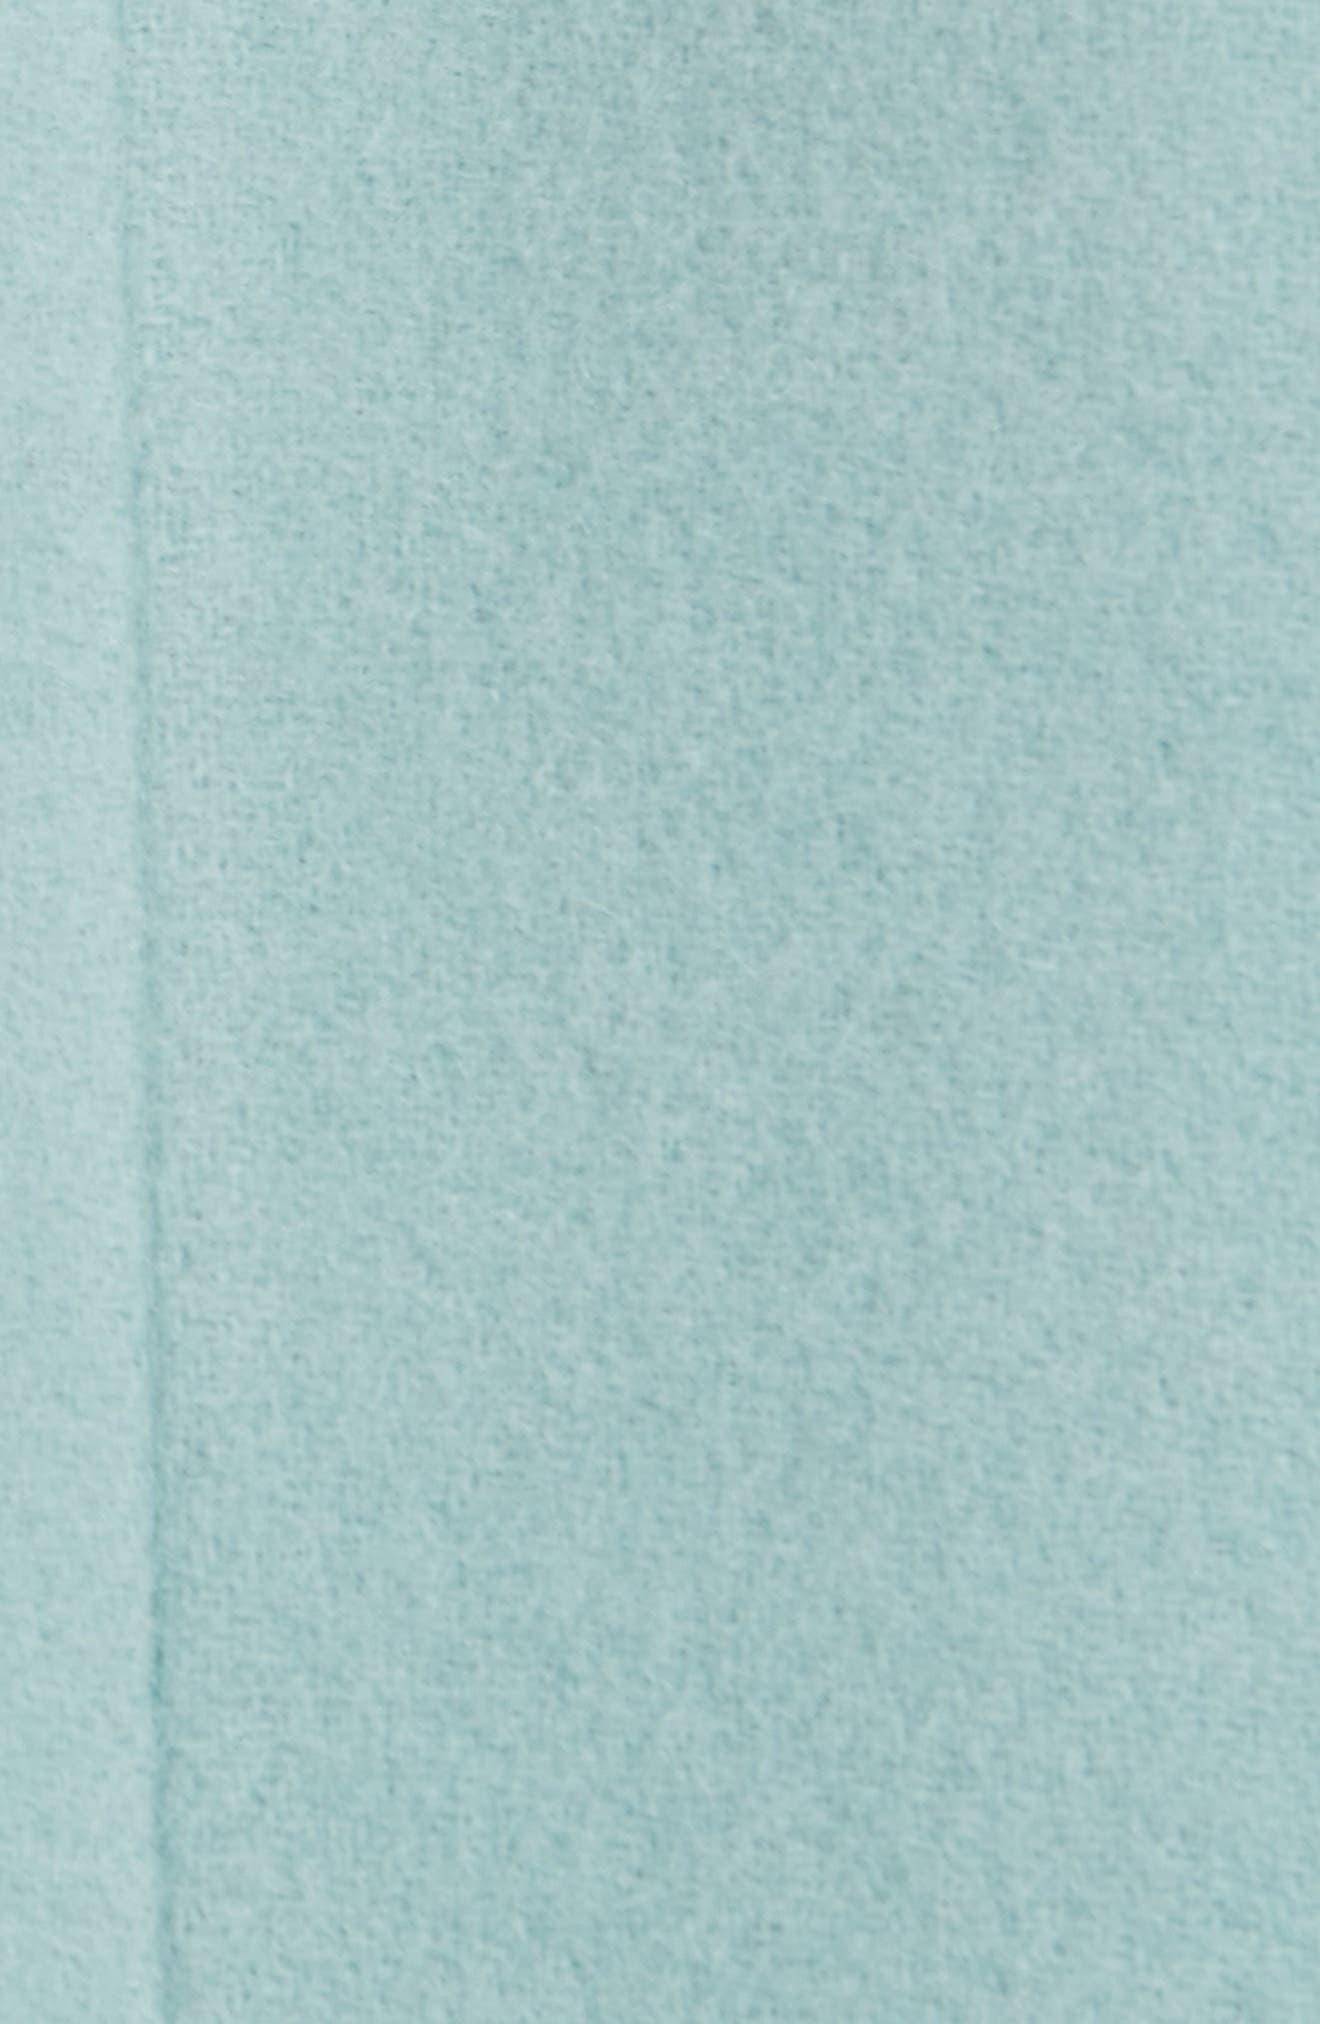 Wool & Mohair Coat,                             Alternate thumbnail 7, color,                             LIGHT BLUE